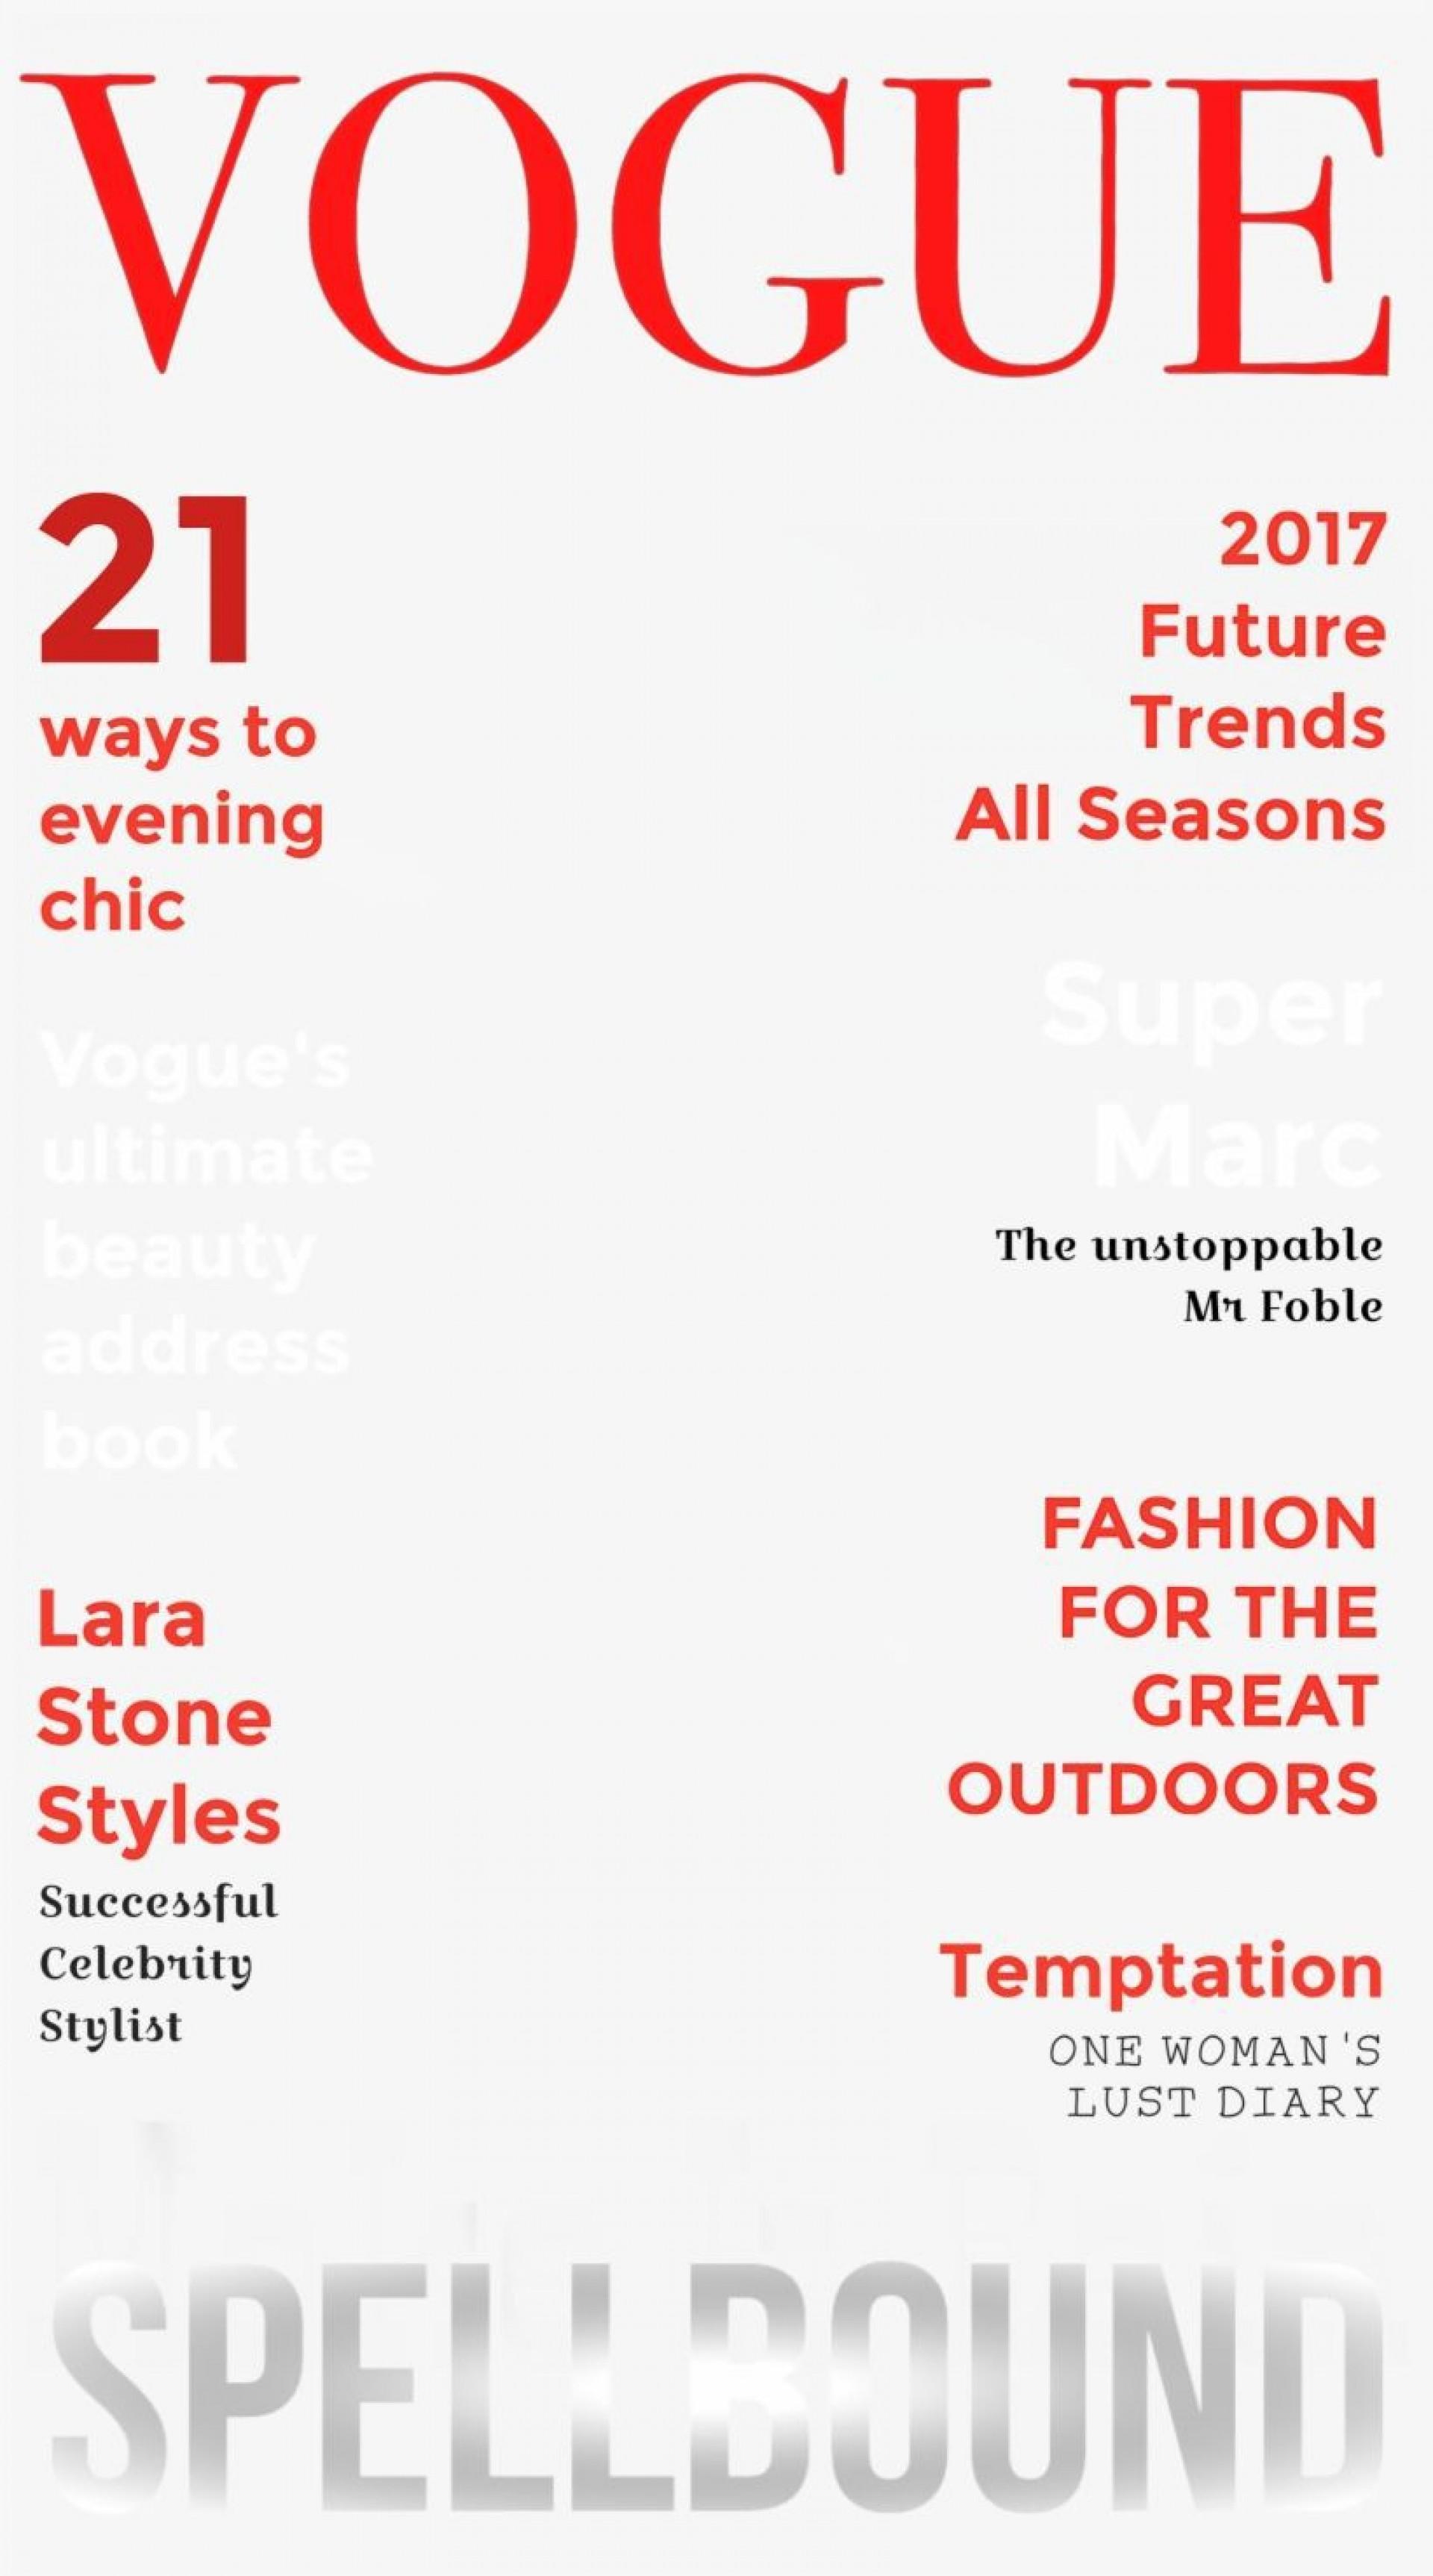 000 Unique Free Fake Magazine Cover Template Concept  Time1920